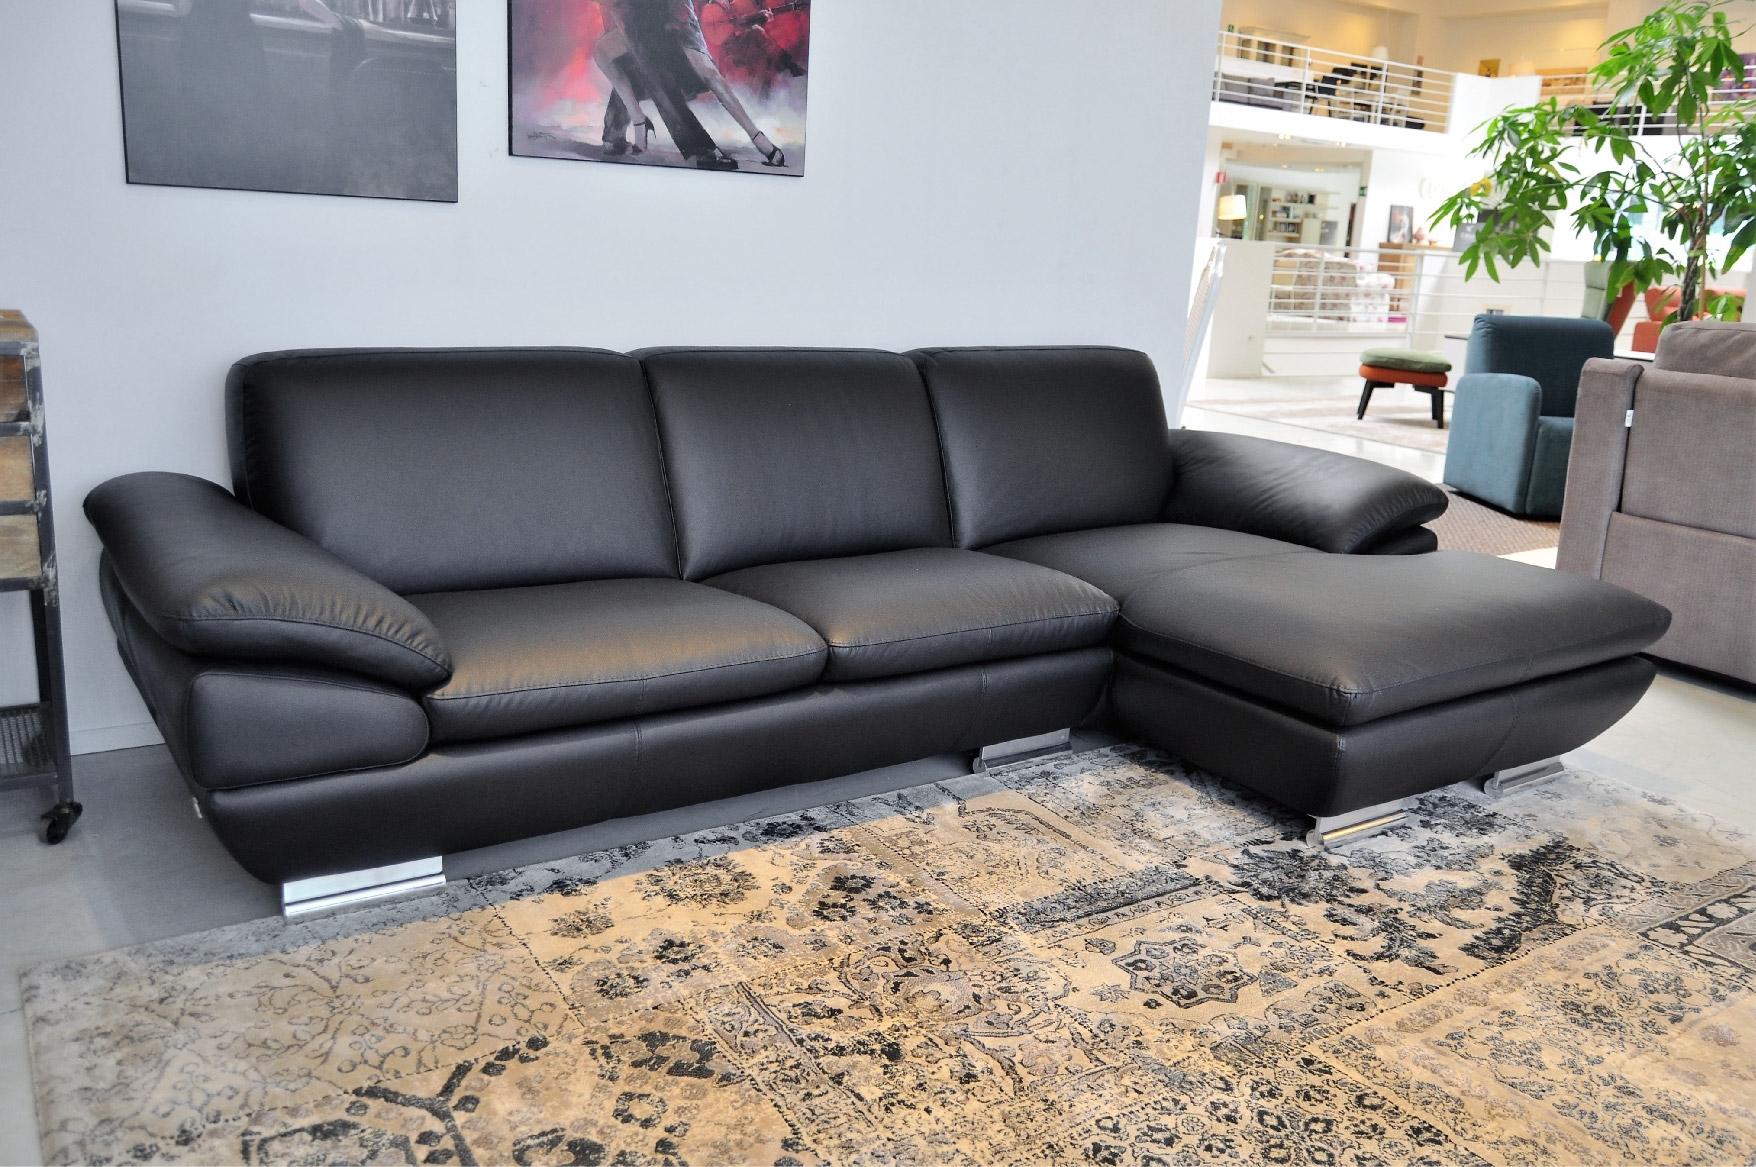 Outlet divani offerte divani online a prezzi scontati awesome divani calia prezzi photos - Outlet del divano assago ...